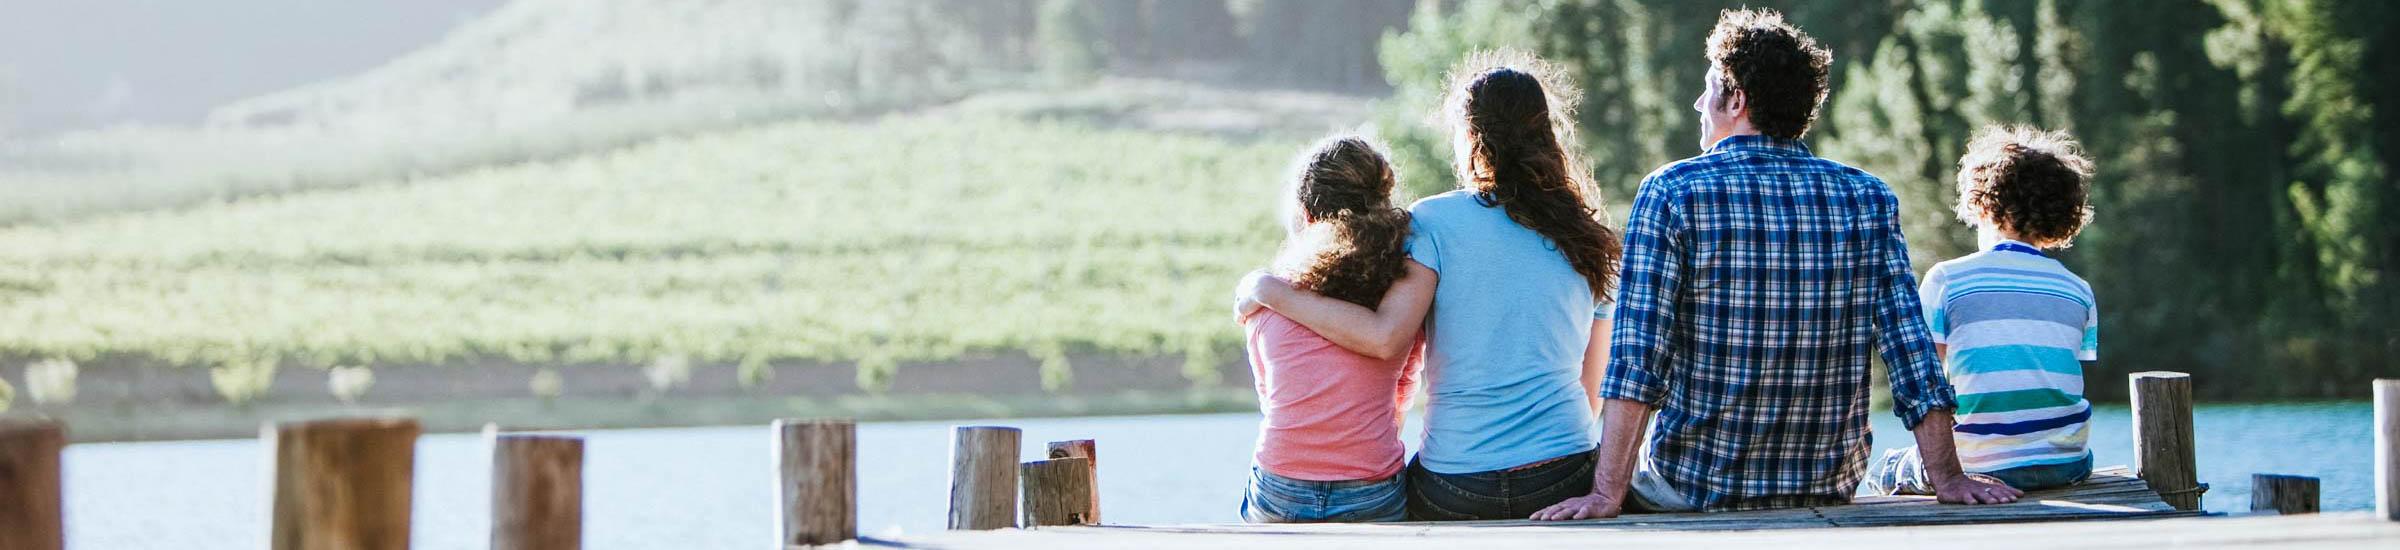 Familie sitzt am Steg eines Sees und genießt ihren Sommerurlaub 2021